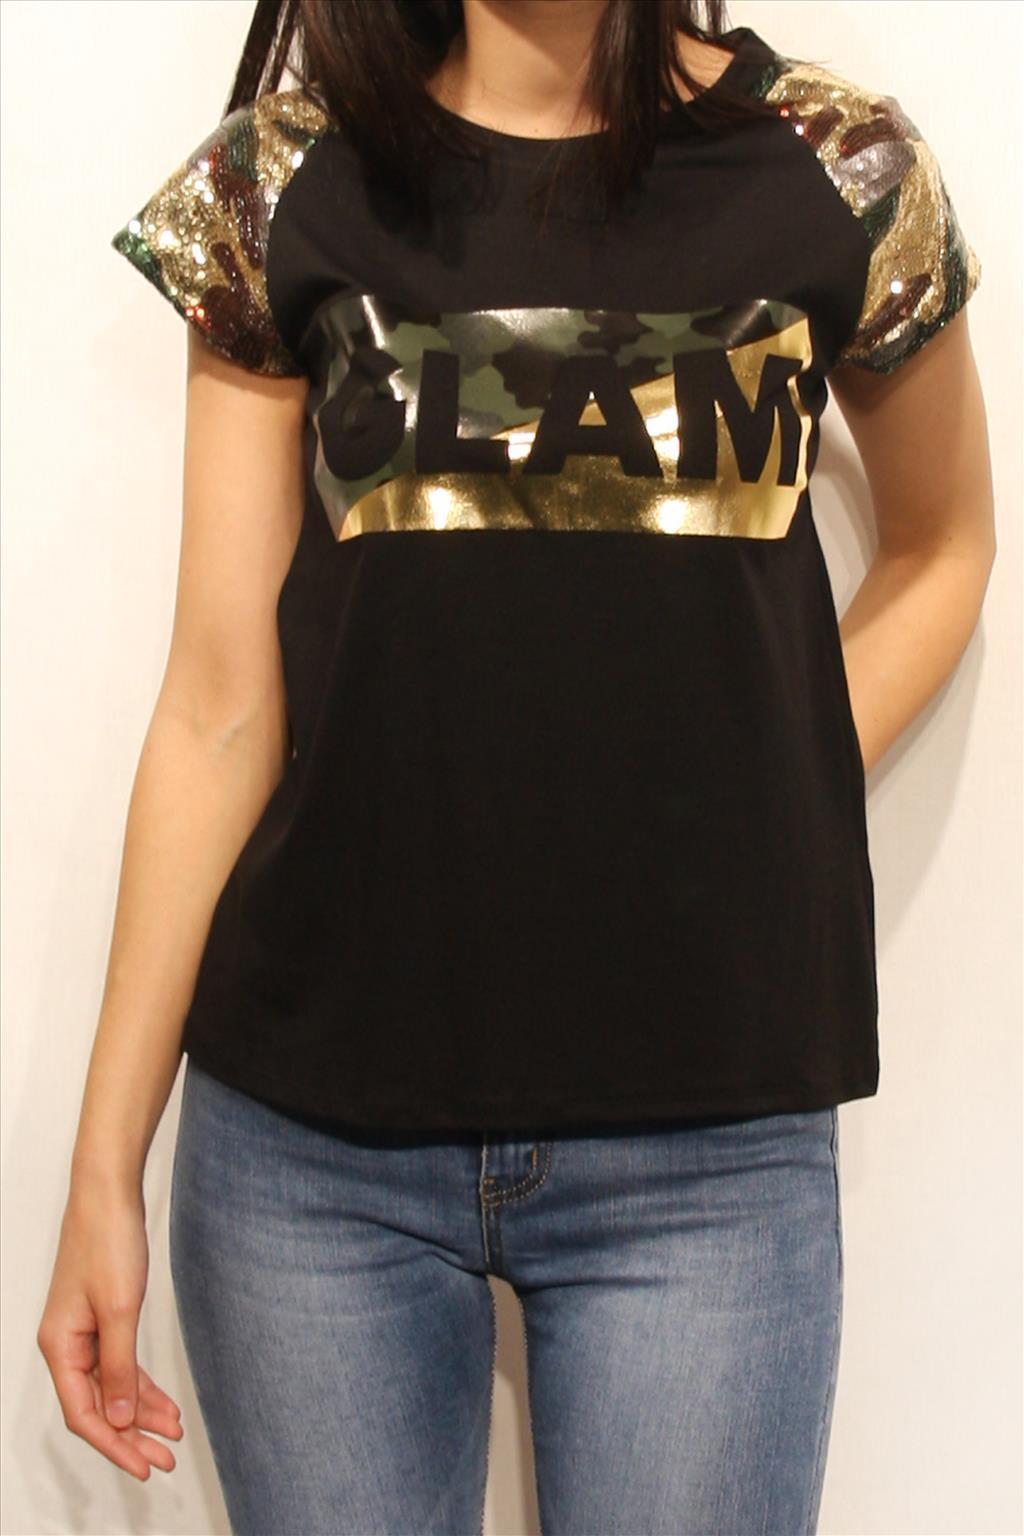 Tshirt glam